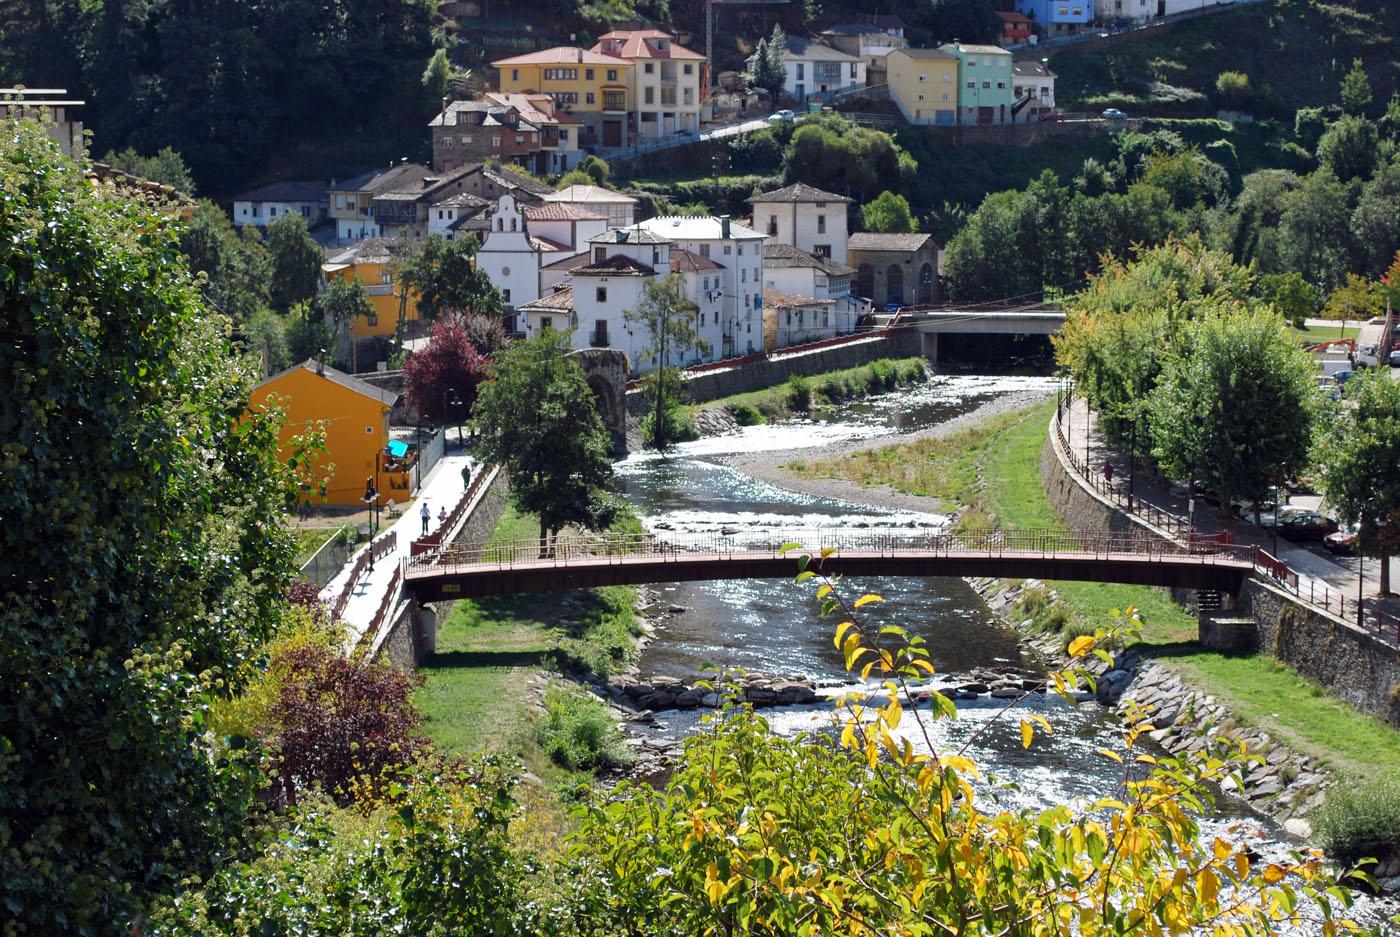 El maravilloso pueblo de Cangas de Narcea. Foto: Carmen Alonso Suarez, Flickr.